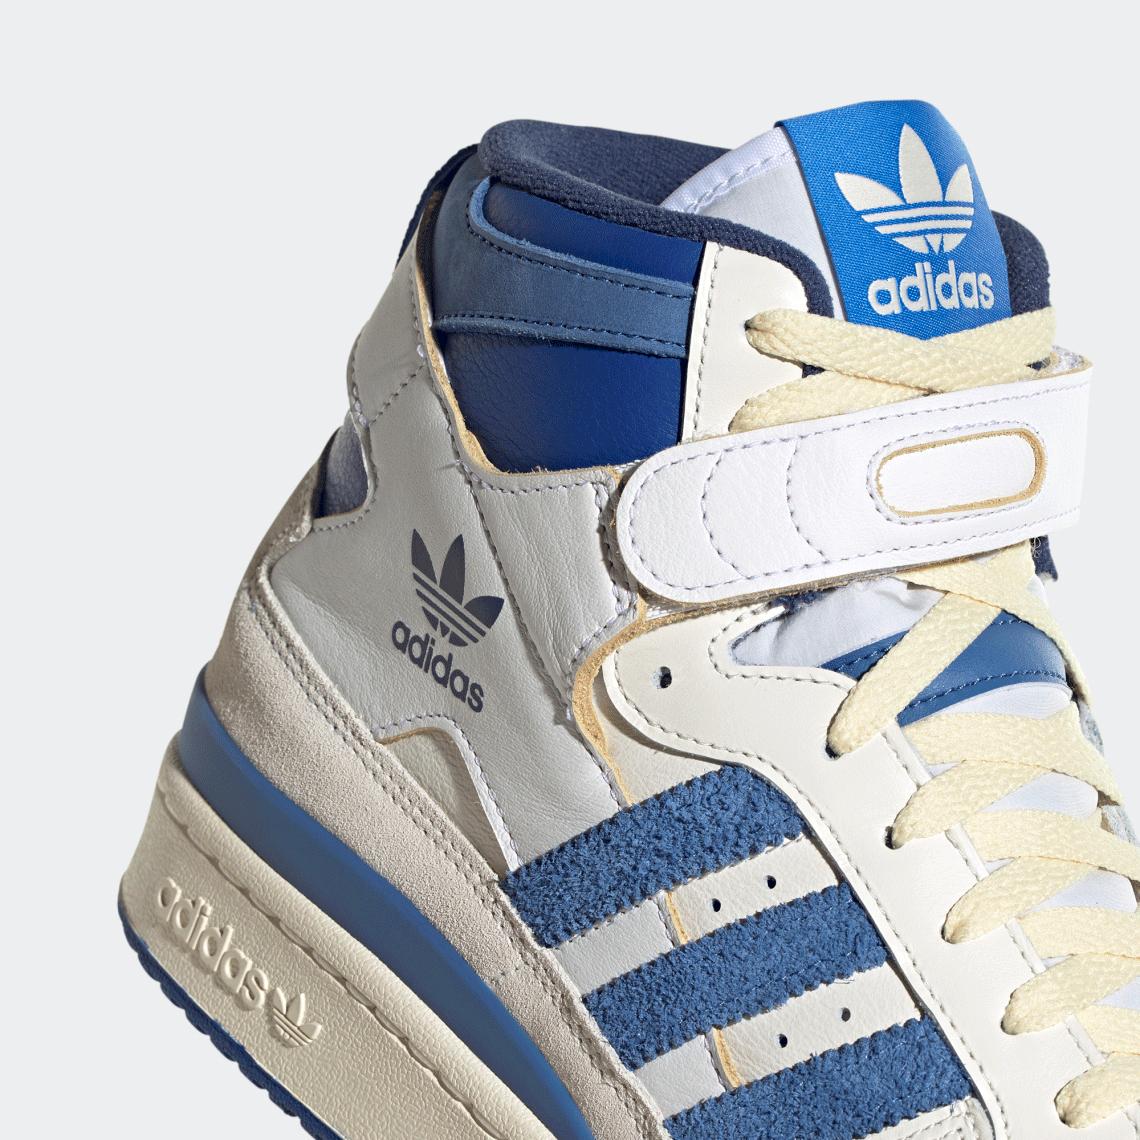 adidas Forum 84 High ''Blue Thread'' - FY7793